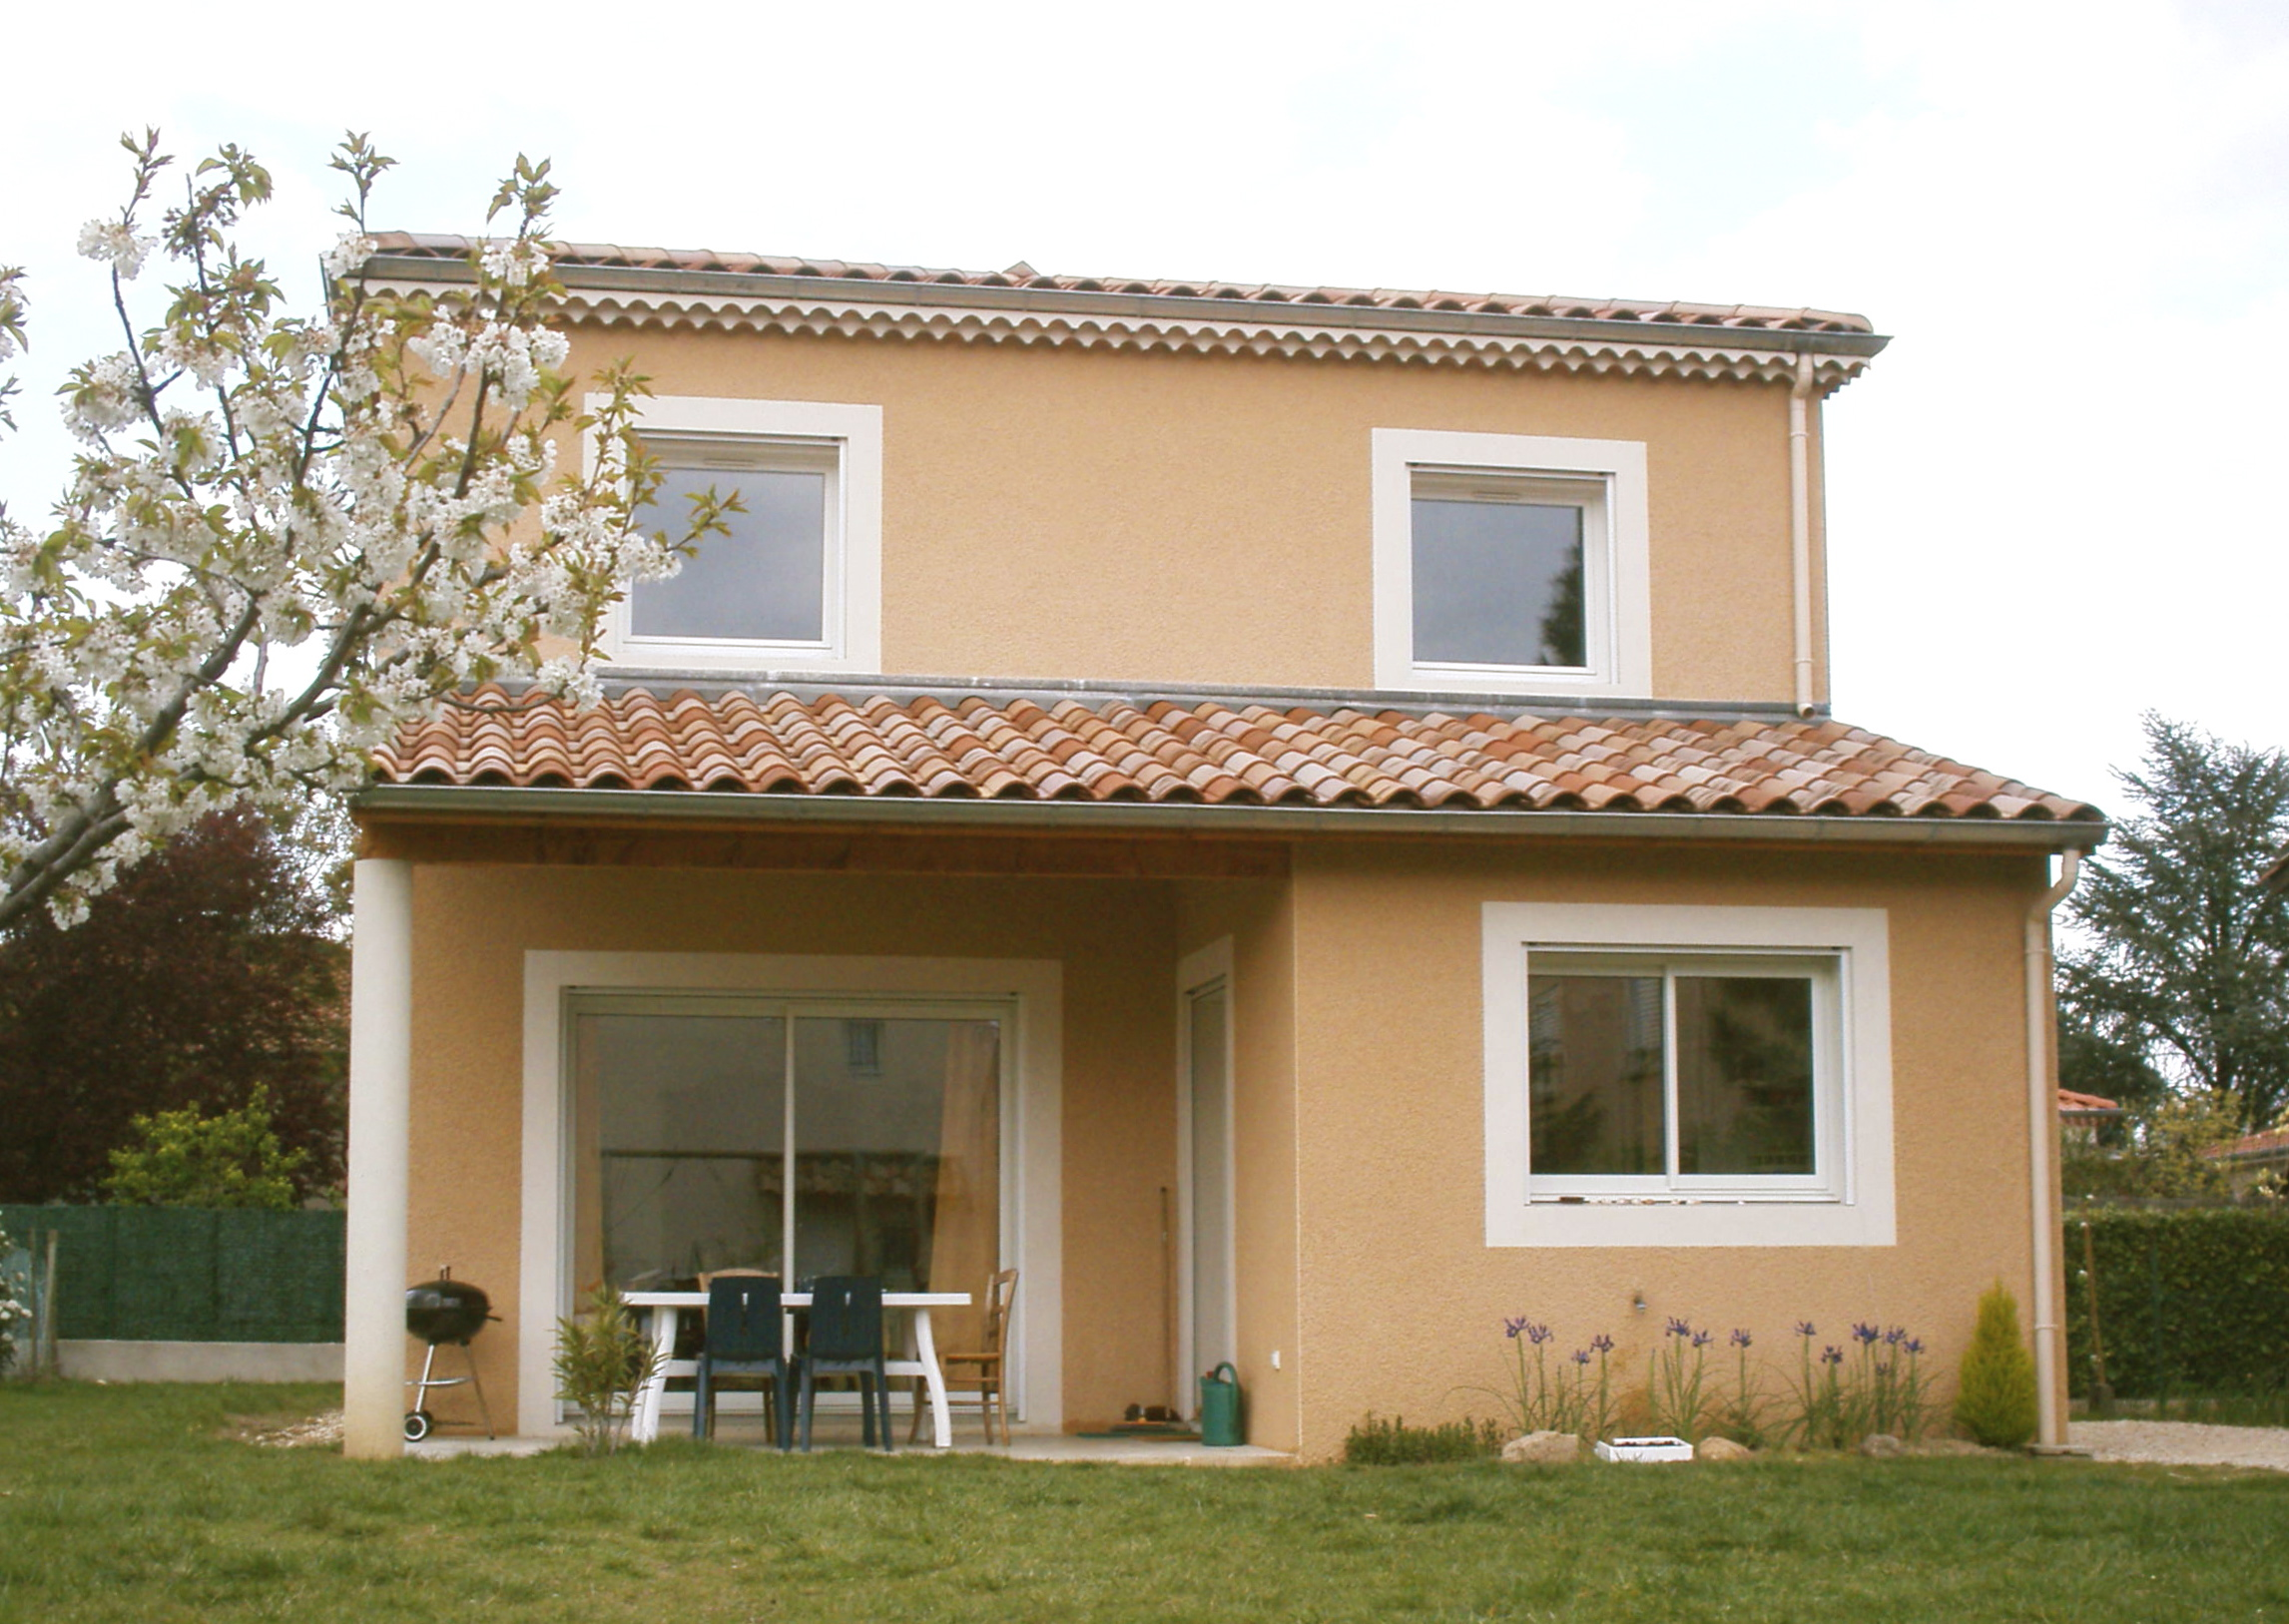 Maison louer saint peray maison saint p ray vendre for Annuler offre achat maison